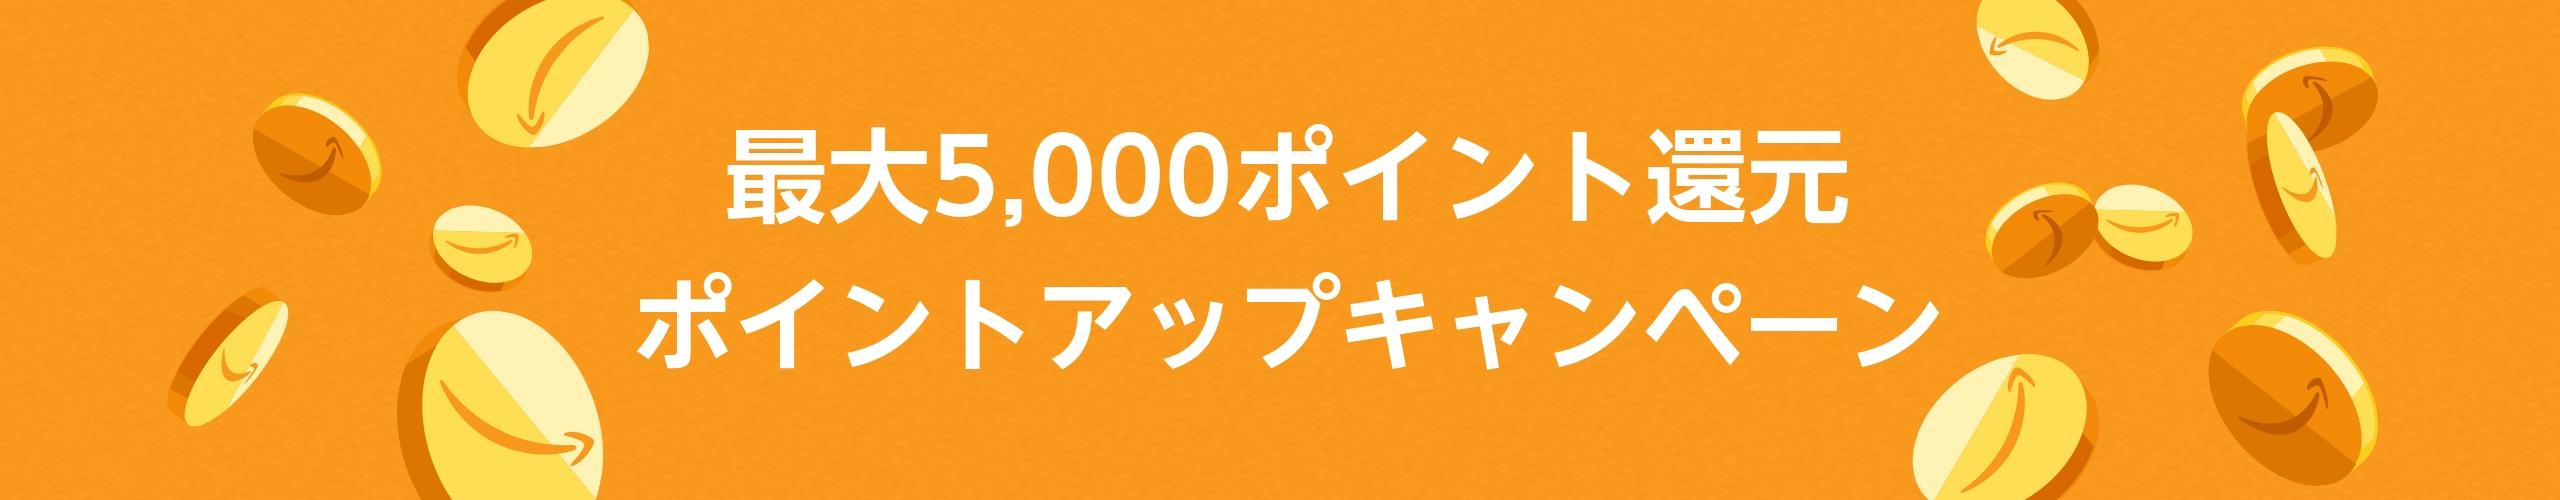 最大5000ポイント ポイントアップキャンペーン プレゼント